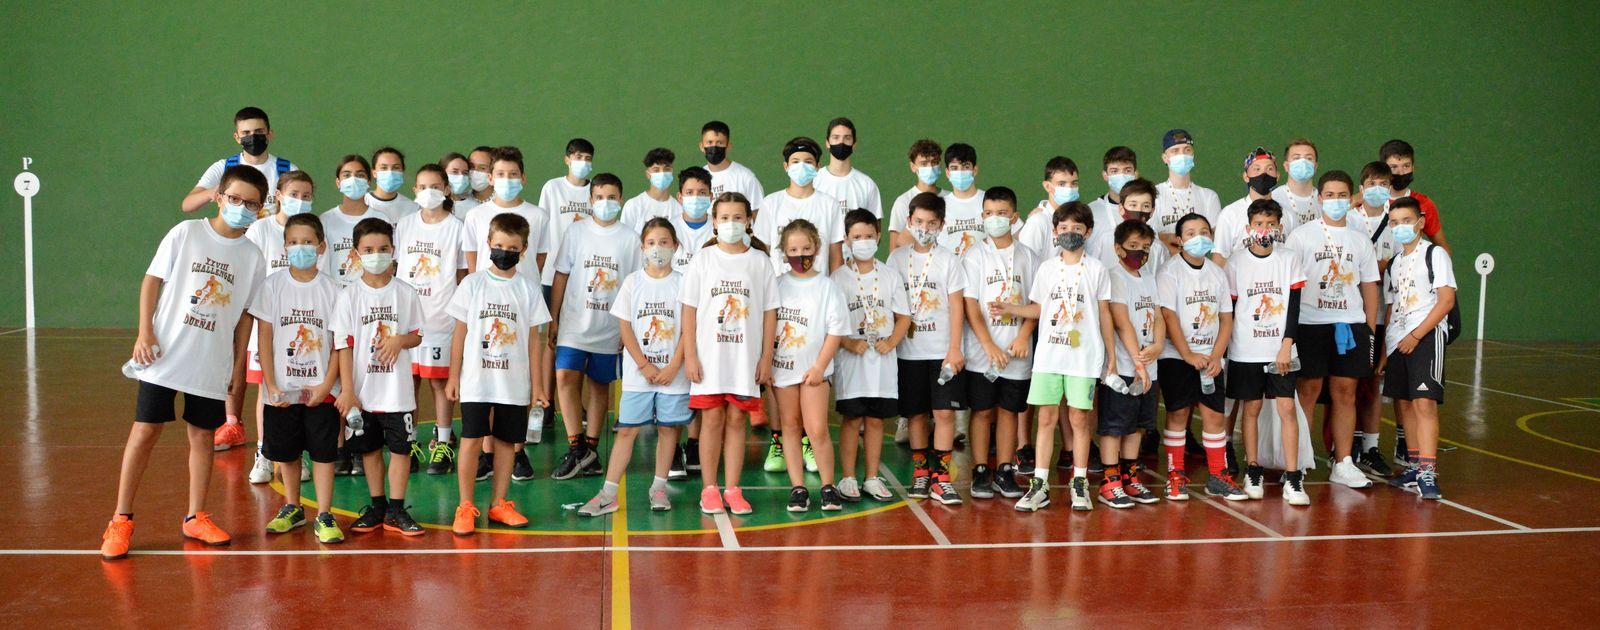 Gran participación escolar en el Challenge 3x3 de Dueñas. Foto Eldana CB